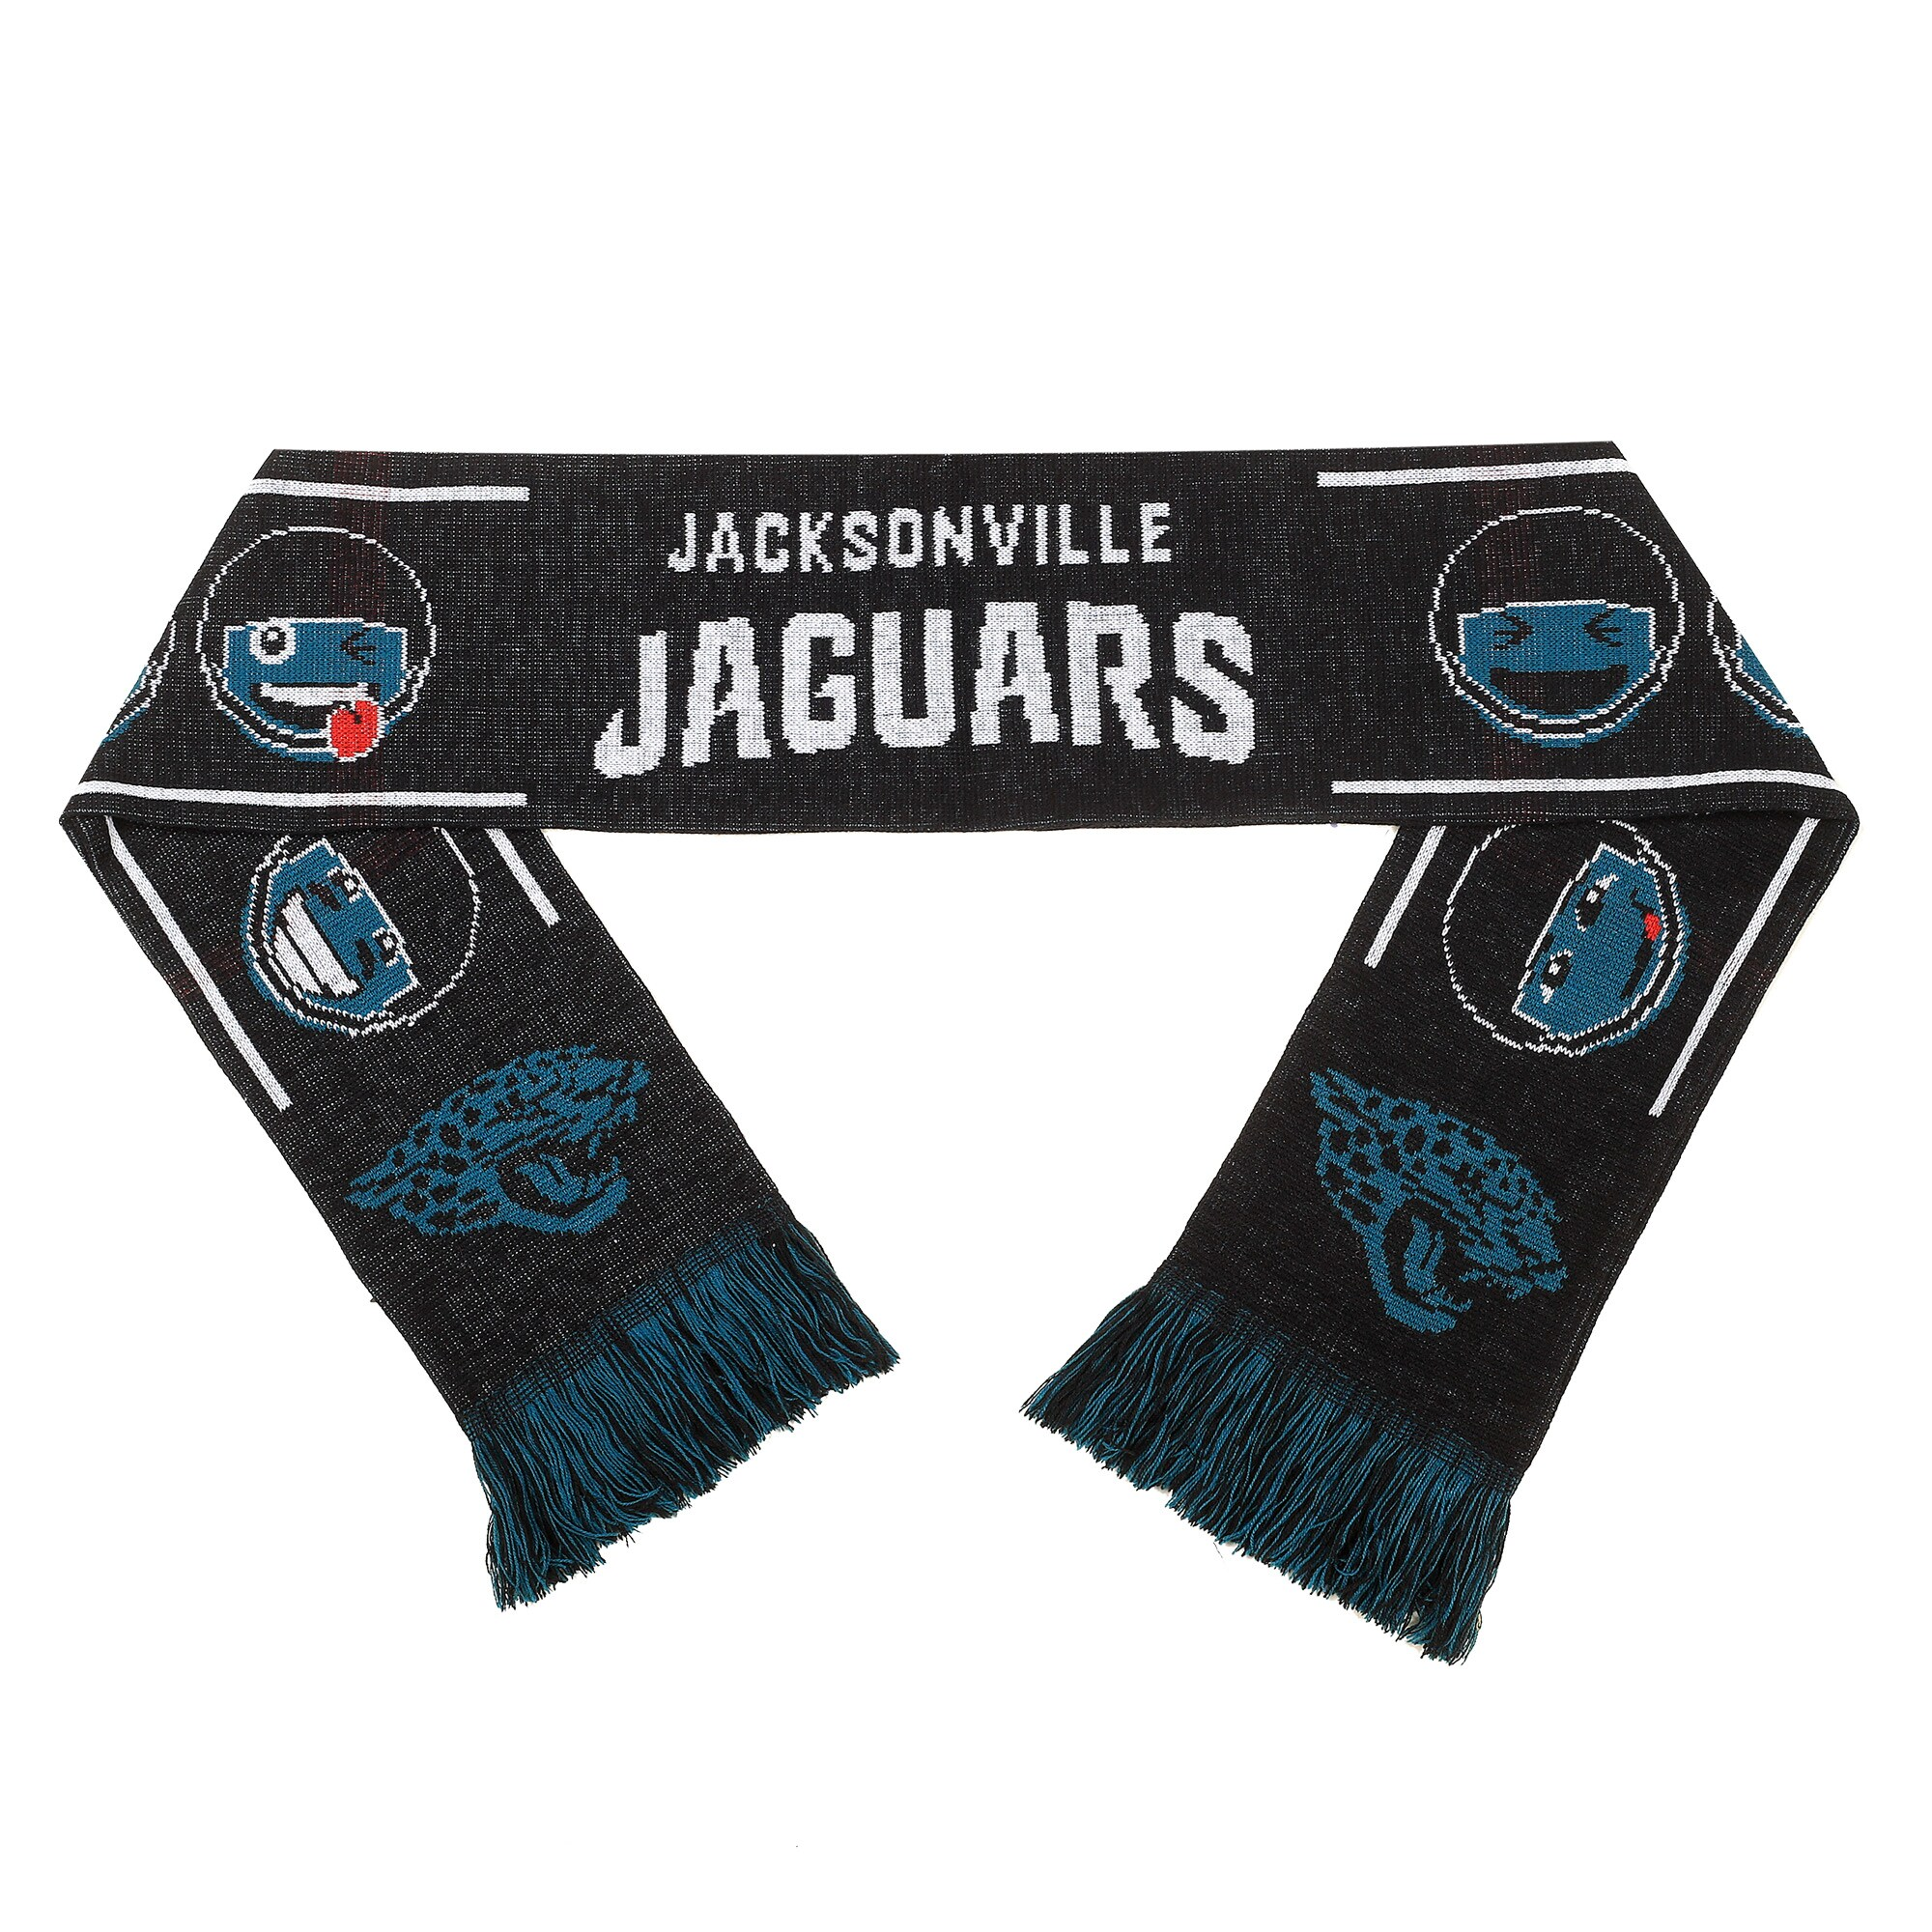 Jacksonville Jaguars Teamoji Acrylic Scarf